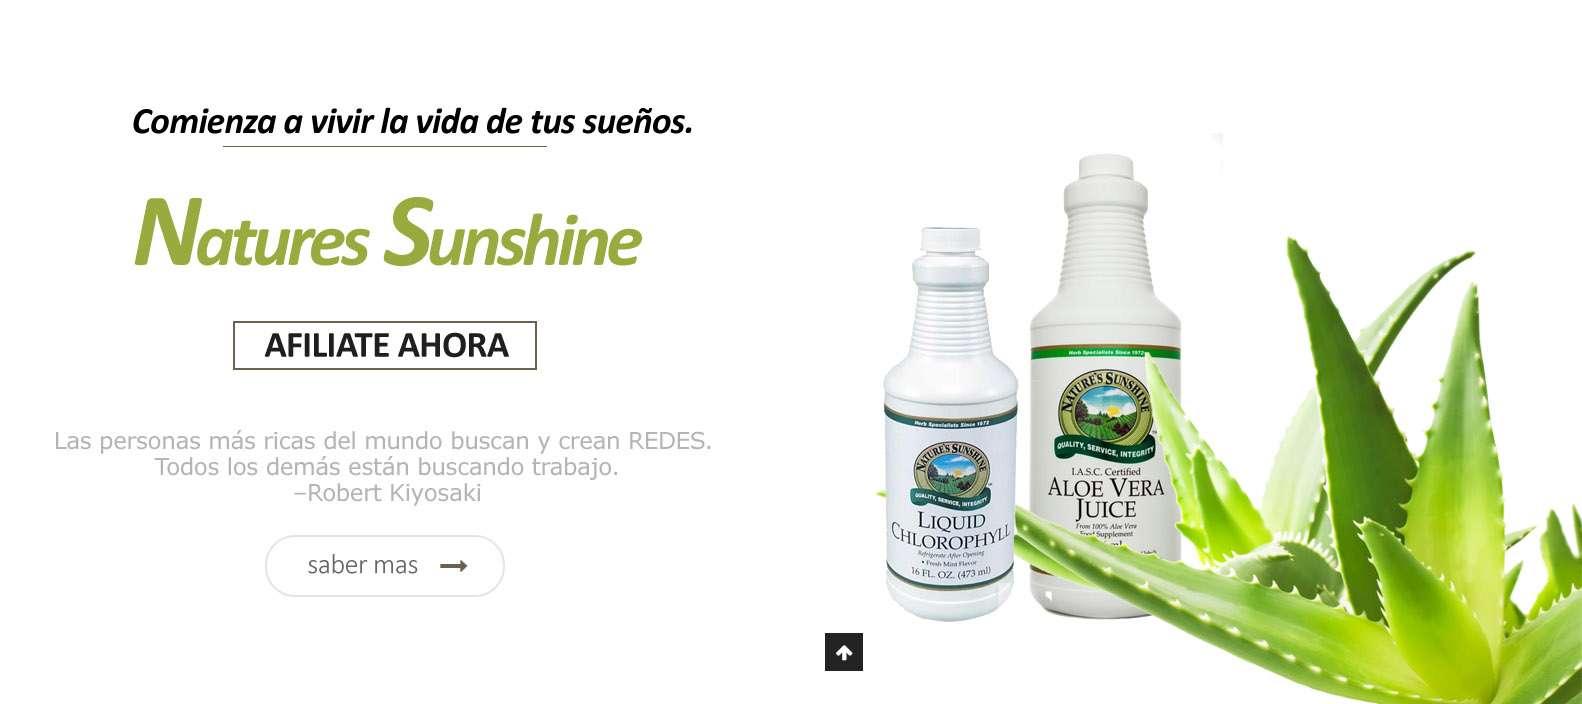 Natures Sunshine El Salvador Medicina Natural Comprobada